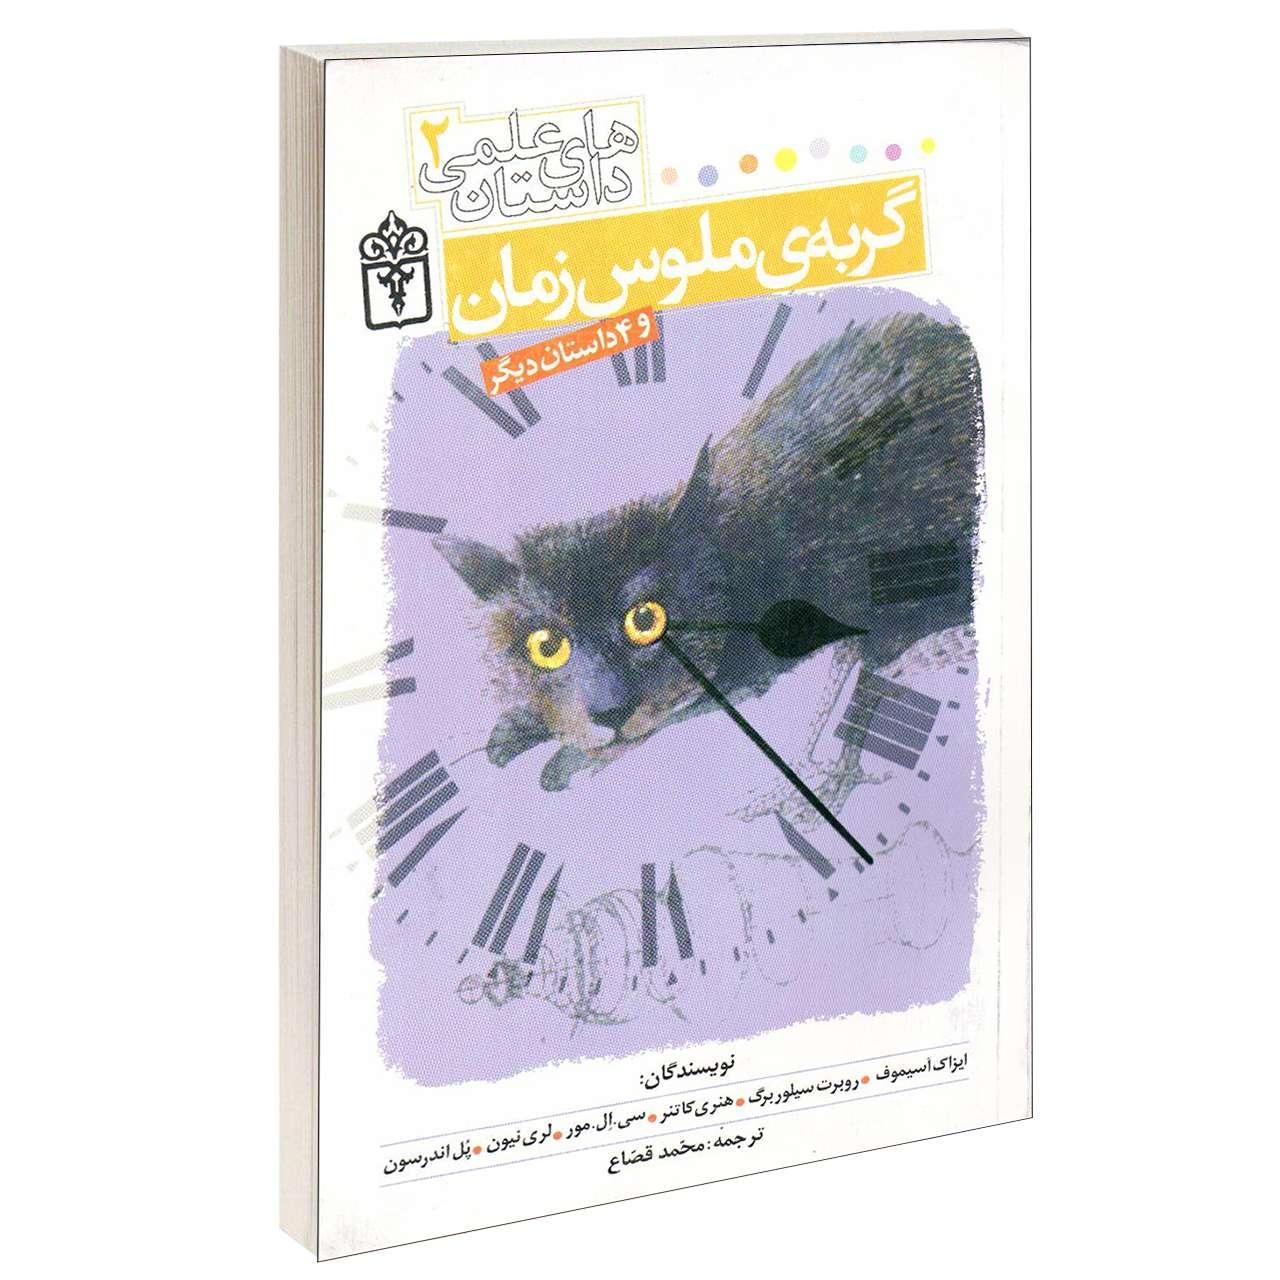 کتاب داستان های علمی گربه ی ملوس زمان اثر ایزاک آسیموف و پل اندرسون نشر محراب قلم